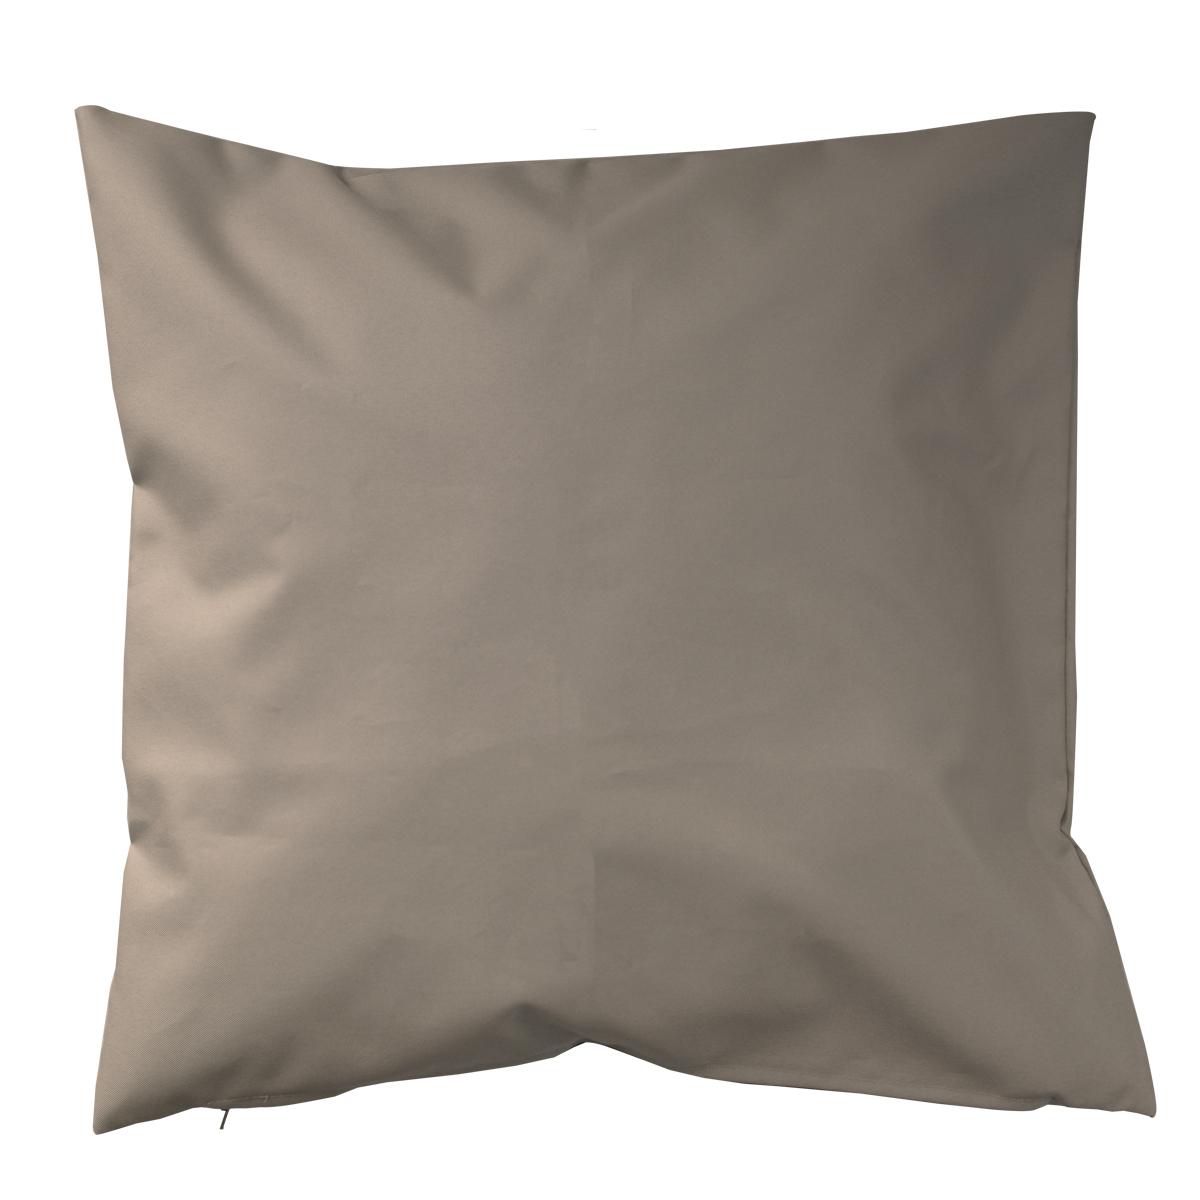 Housse de coussin d'extérieur en tissu outdoor - Taupe - 60 x 60cm